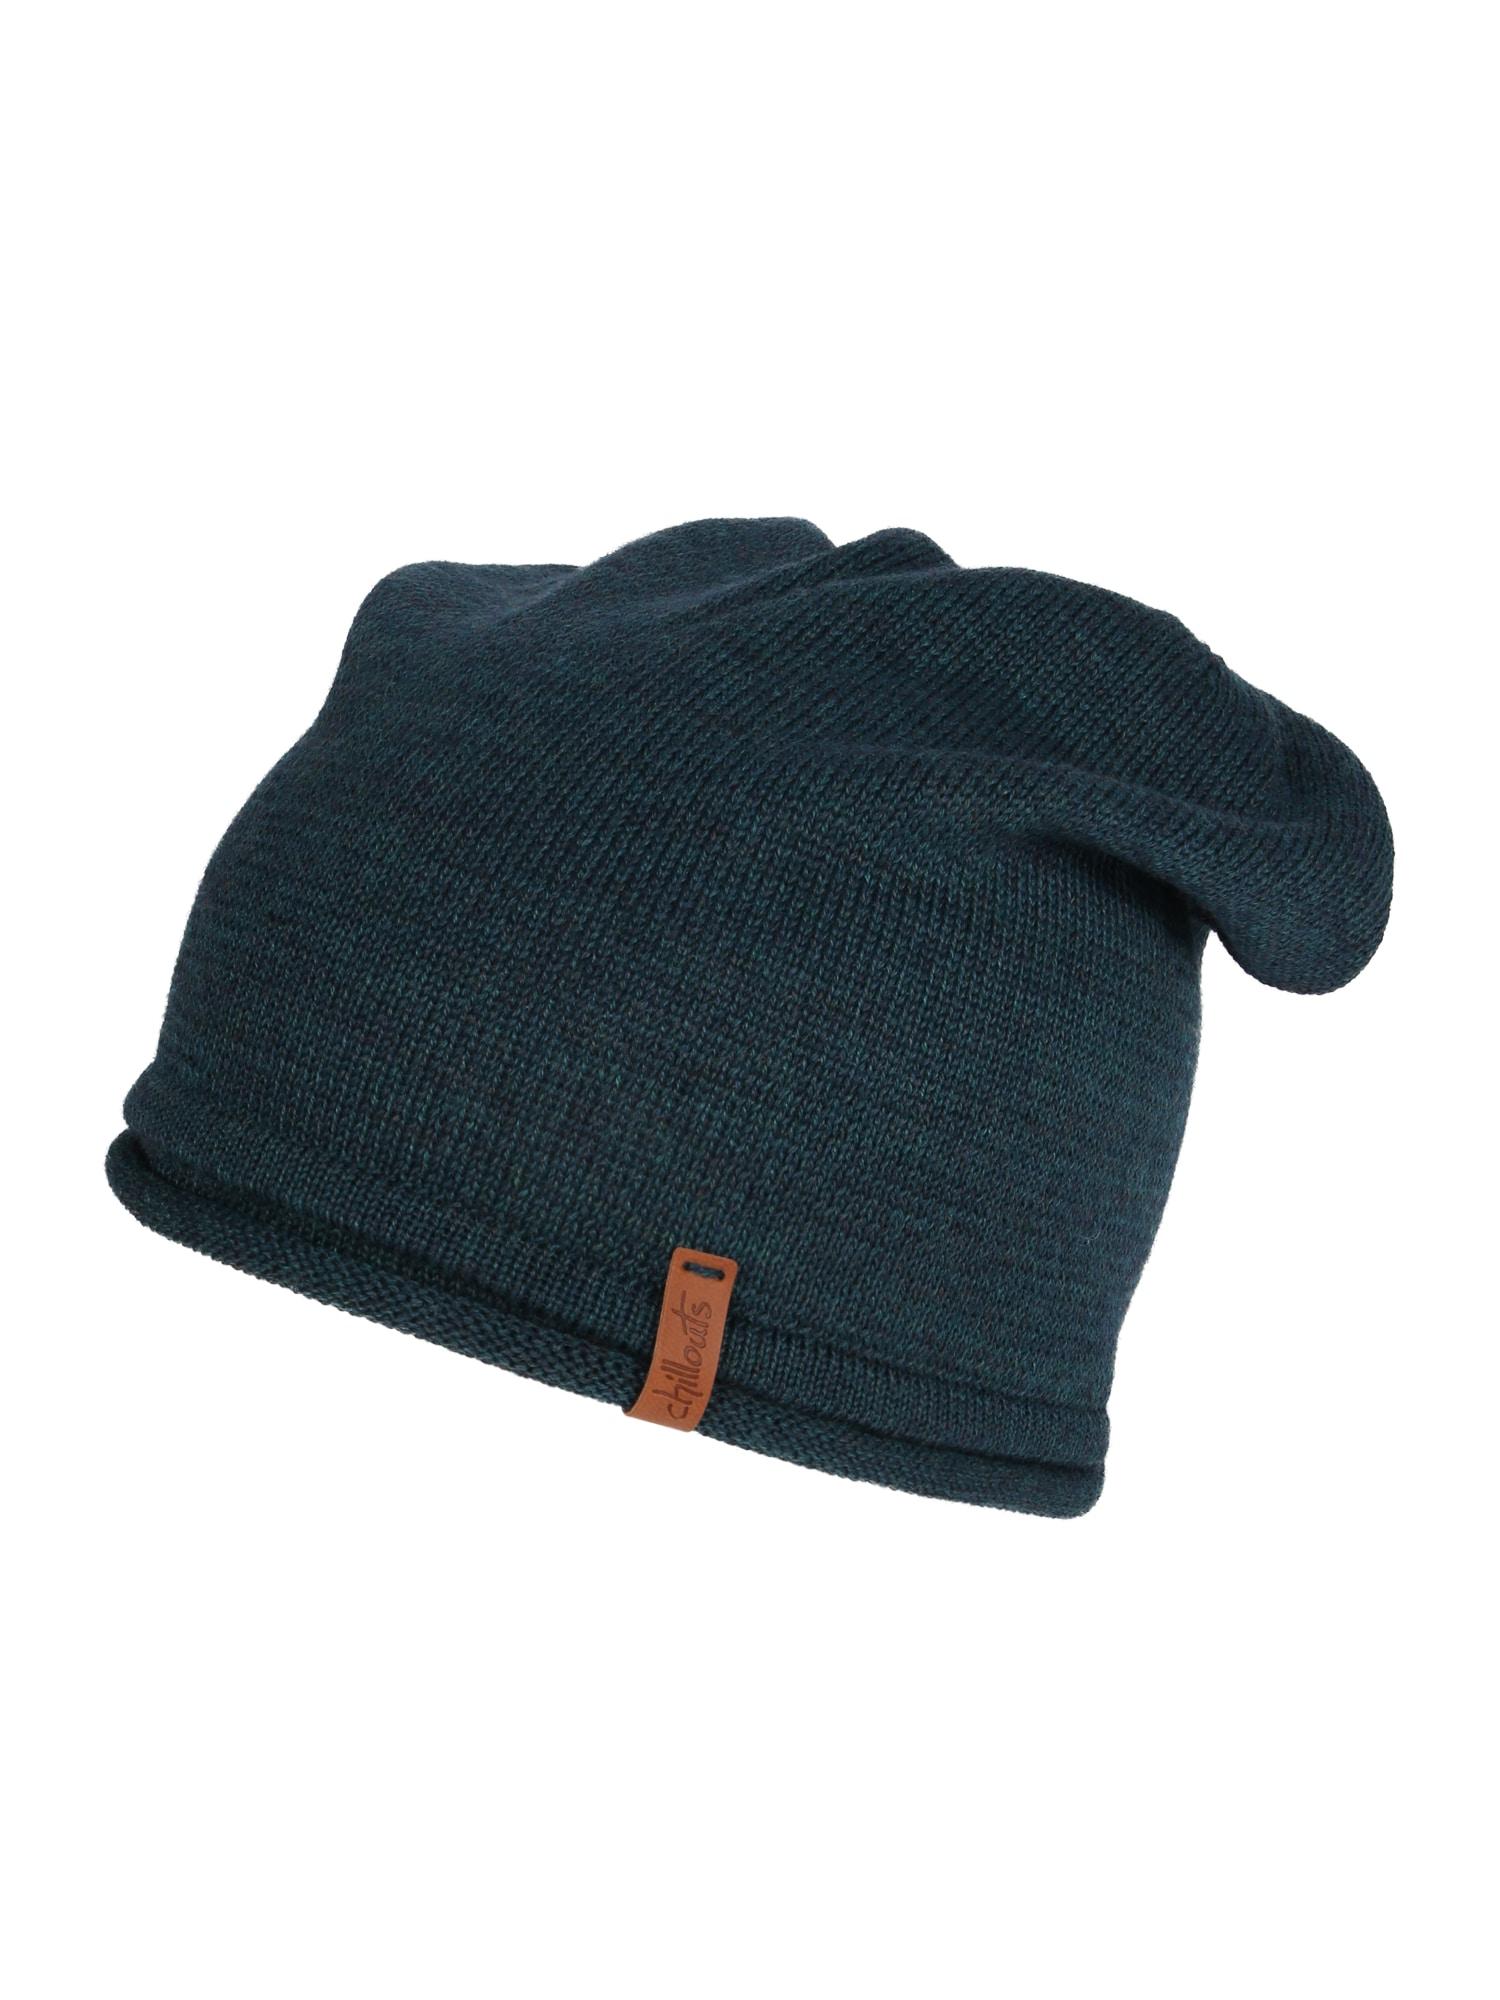 Čepice Leicester Hat zelená Chillouts